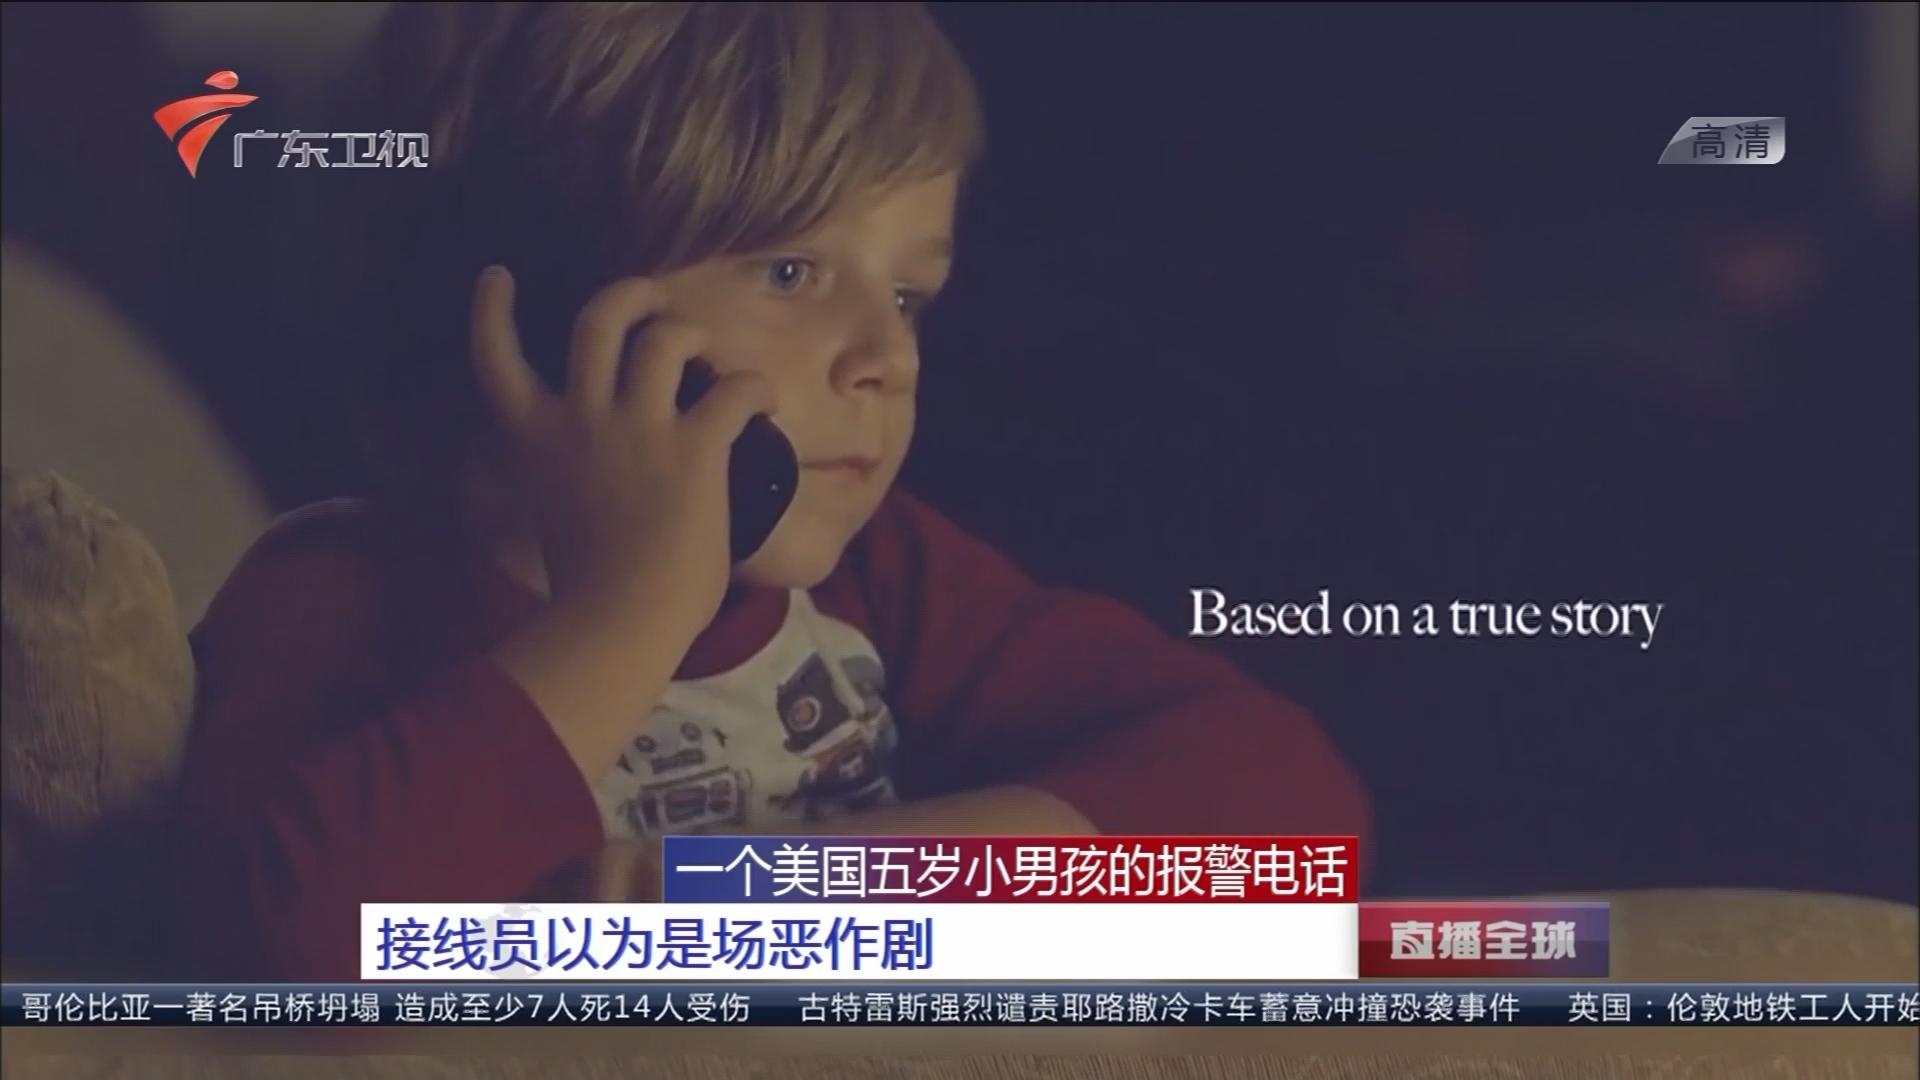 一个美国五岁小男孩的报警电话:接线员以为是场恶作剧